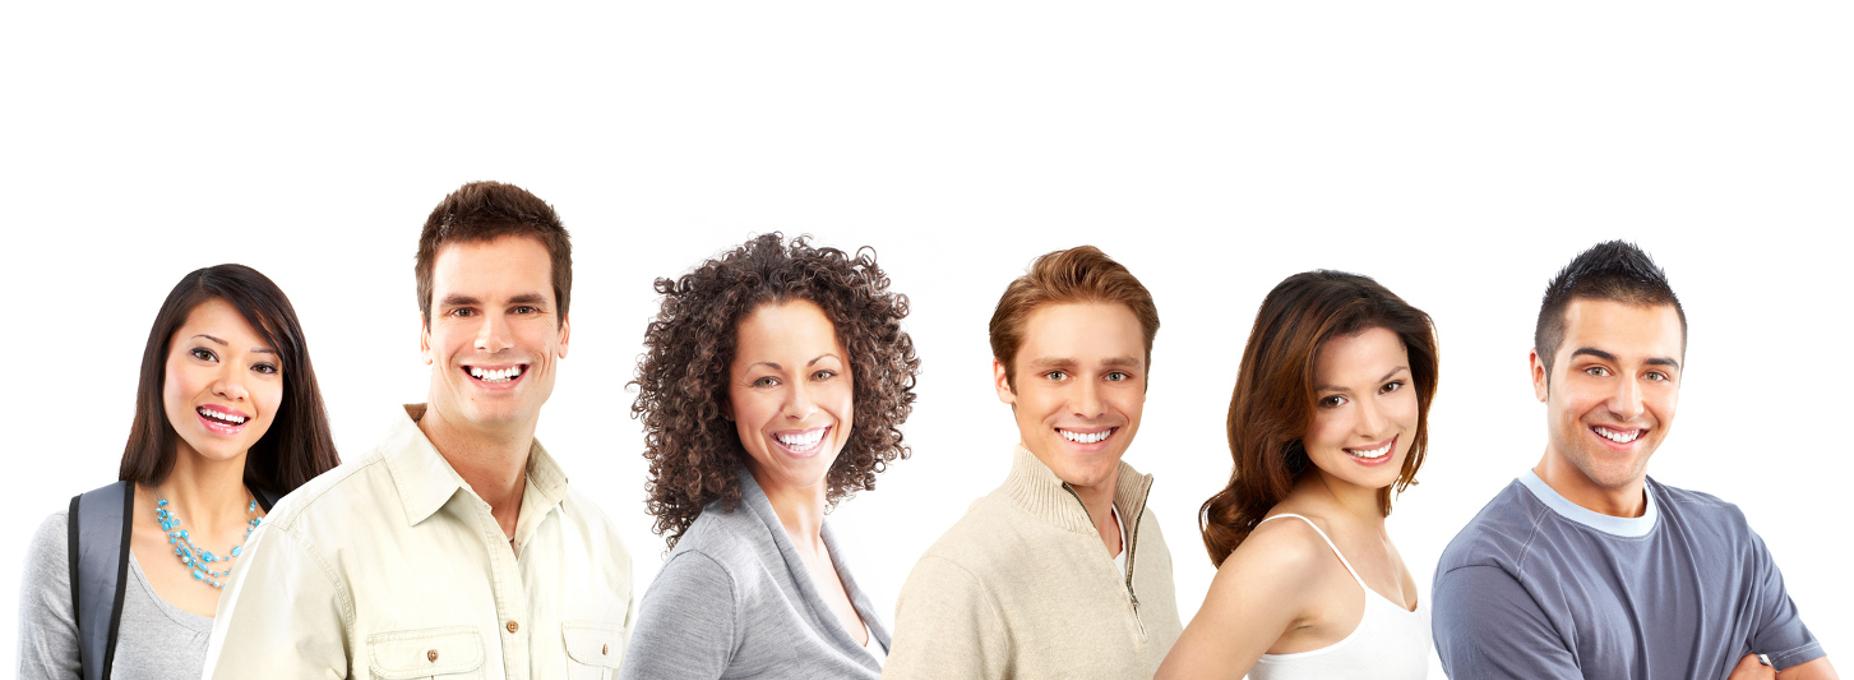 Gesunde Zähne = Lebensqualität!